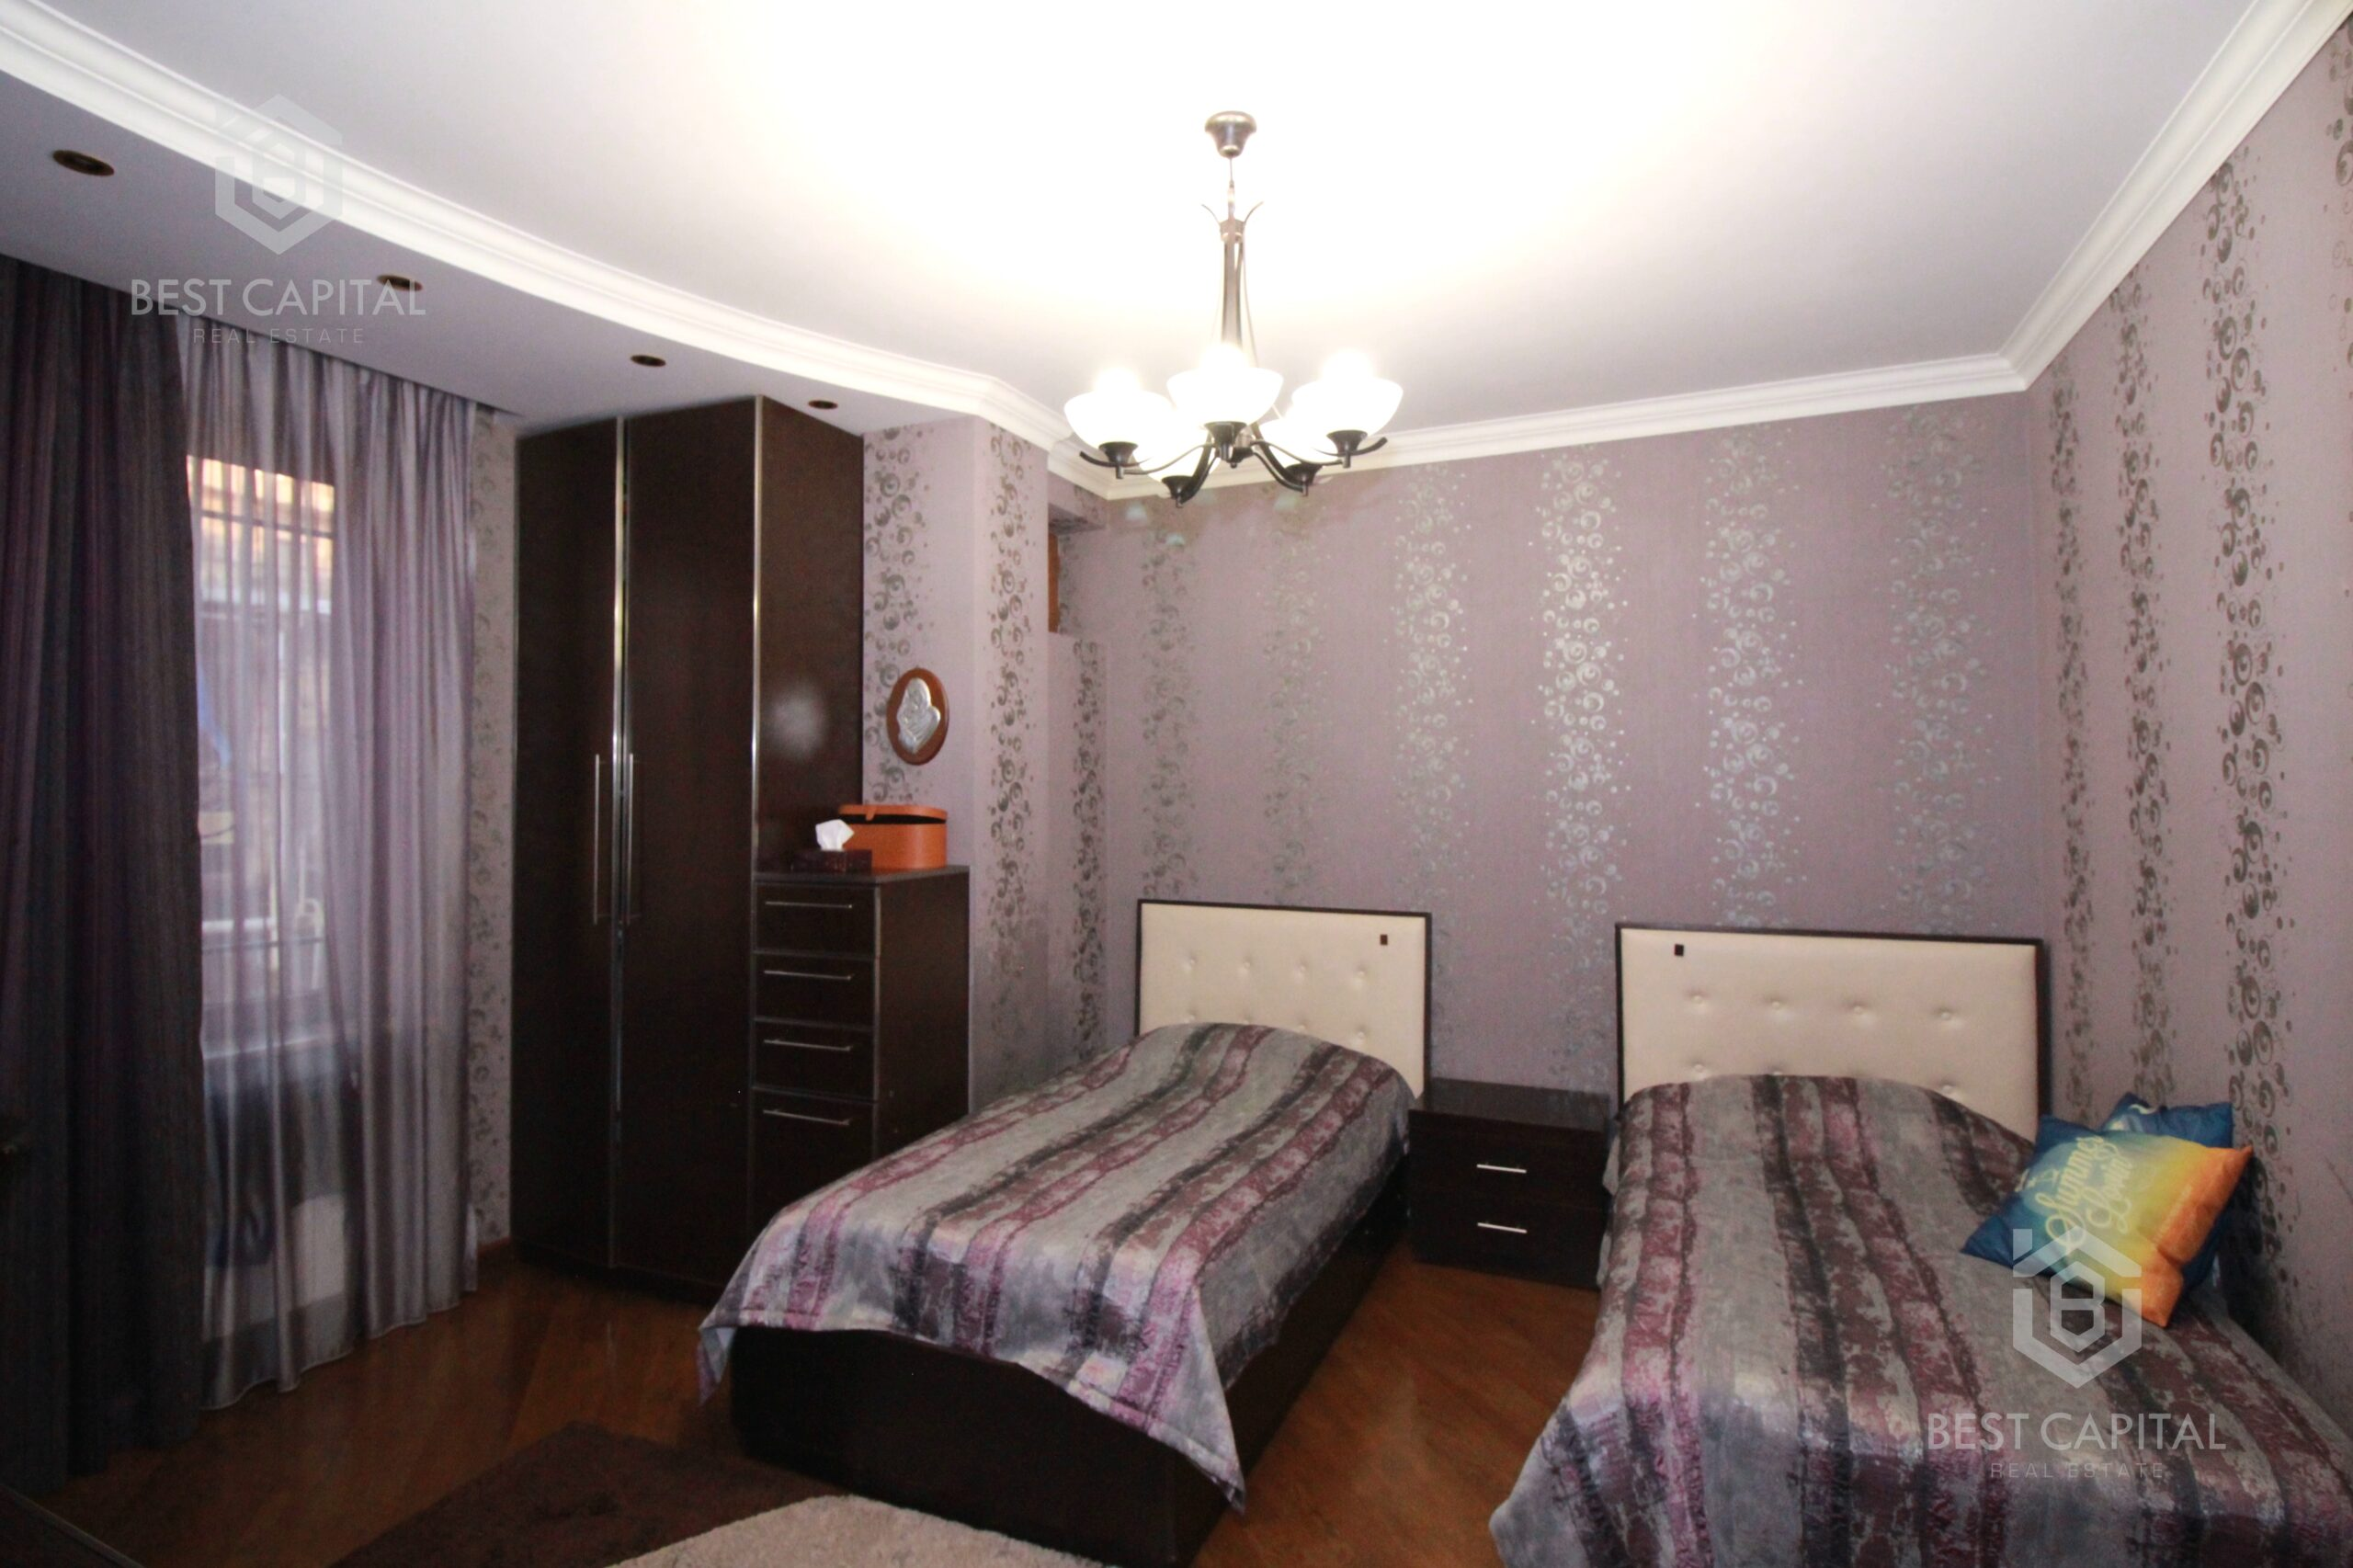 Անտառային փողոցում Մատենադարանի մոտ 3 սենյականոց բնակարան նորակառույց շենքում